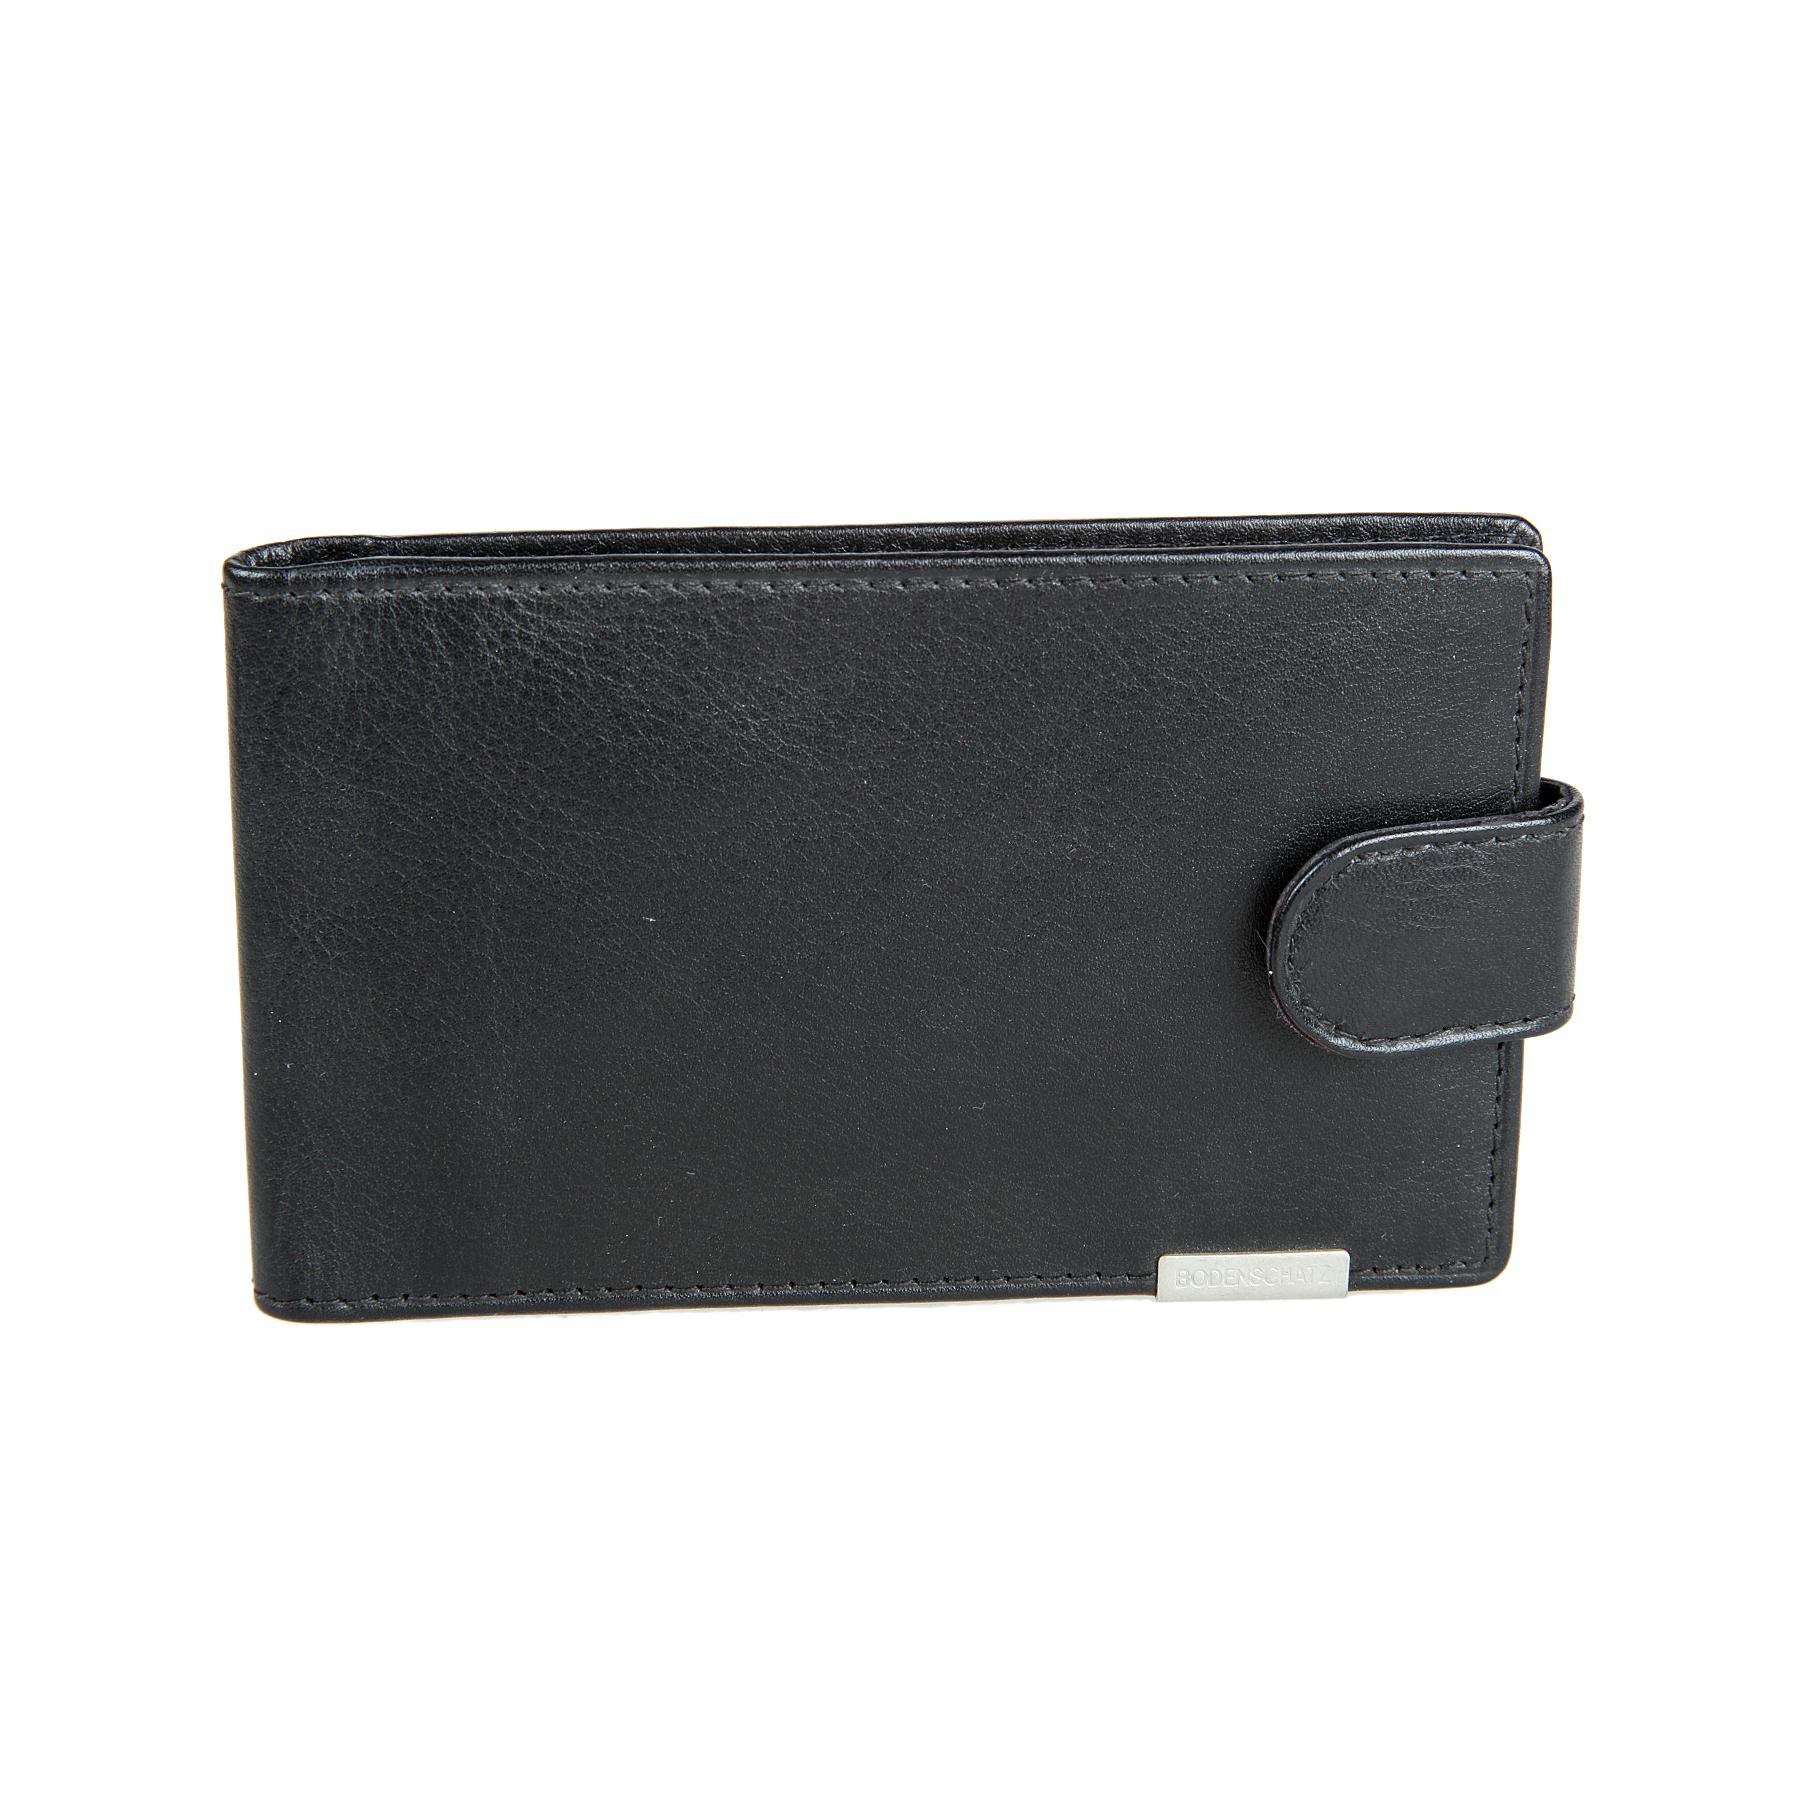 Визитница мужская Bodenschatz, цвет: черный. 8-673B16-11416Визитница мужская Bodenschatz выполнена из натуральной кожи. Модель закрывается клапаном на кнопку, внутри блок прозрачных файлов для визитных карточек, восемь листов - вмещает 16 карточек, два кармана для пластиковых карт, два потайных кармашка.